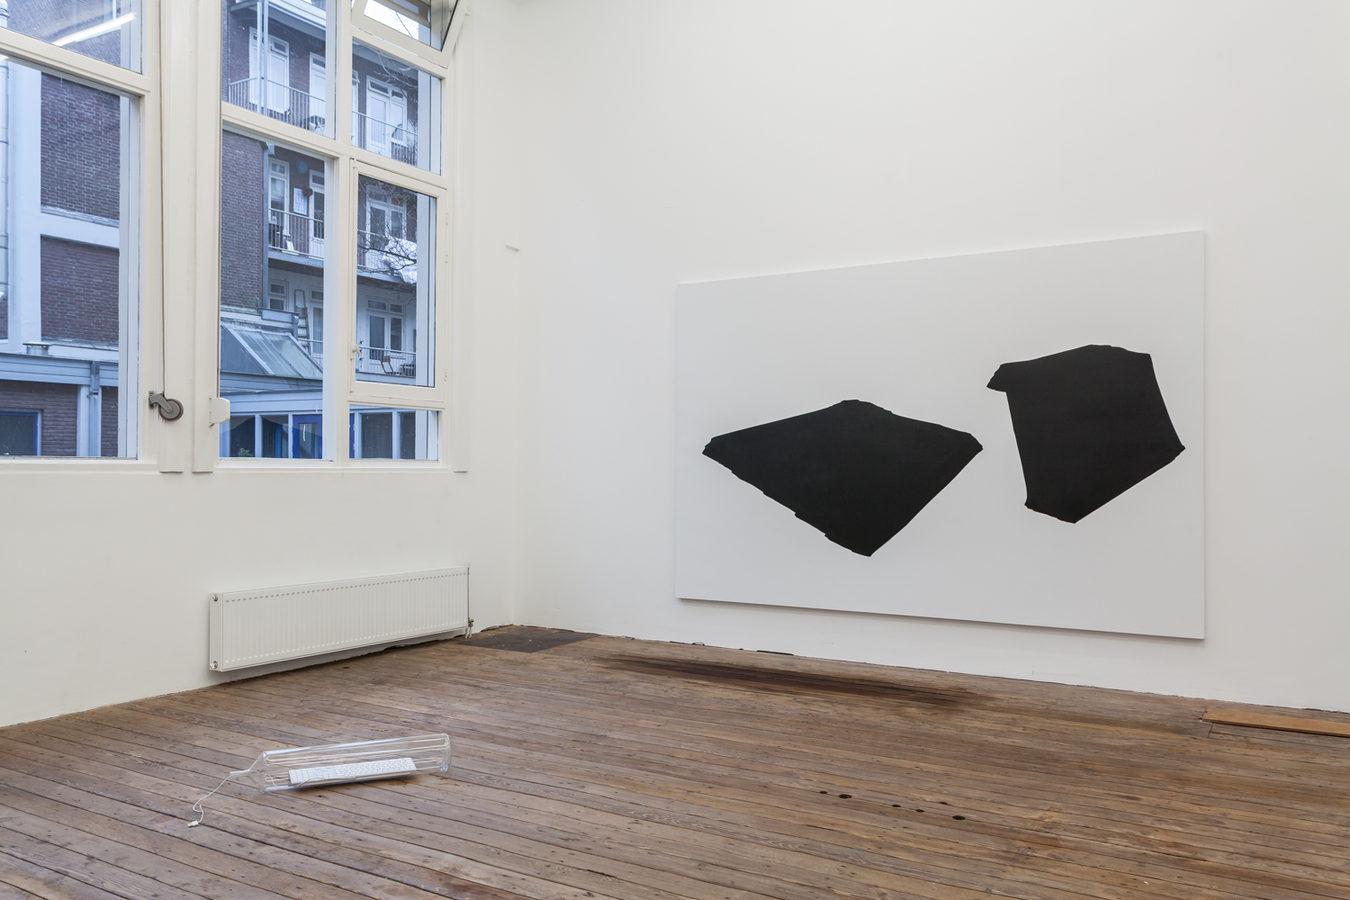 Installation view; Spiros Hadjidjanos, Sara Ludy, Priscilla Tea; Galerie Gabriel Rolt (2)